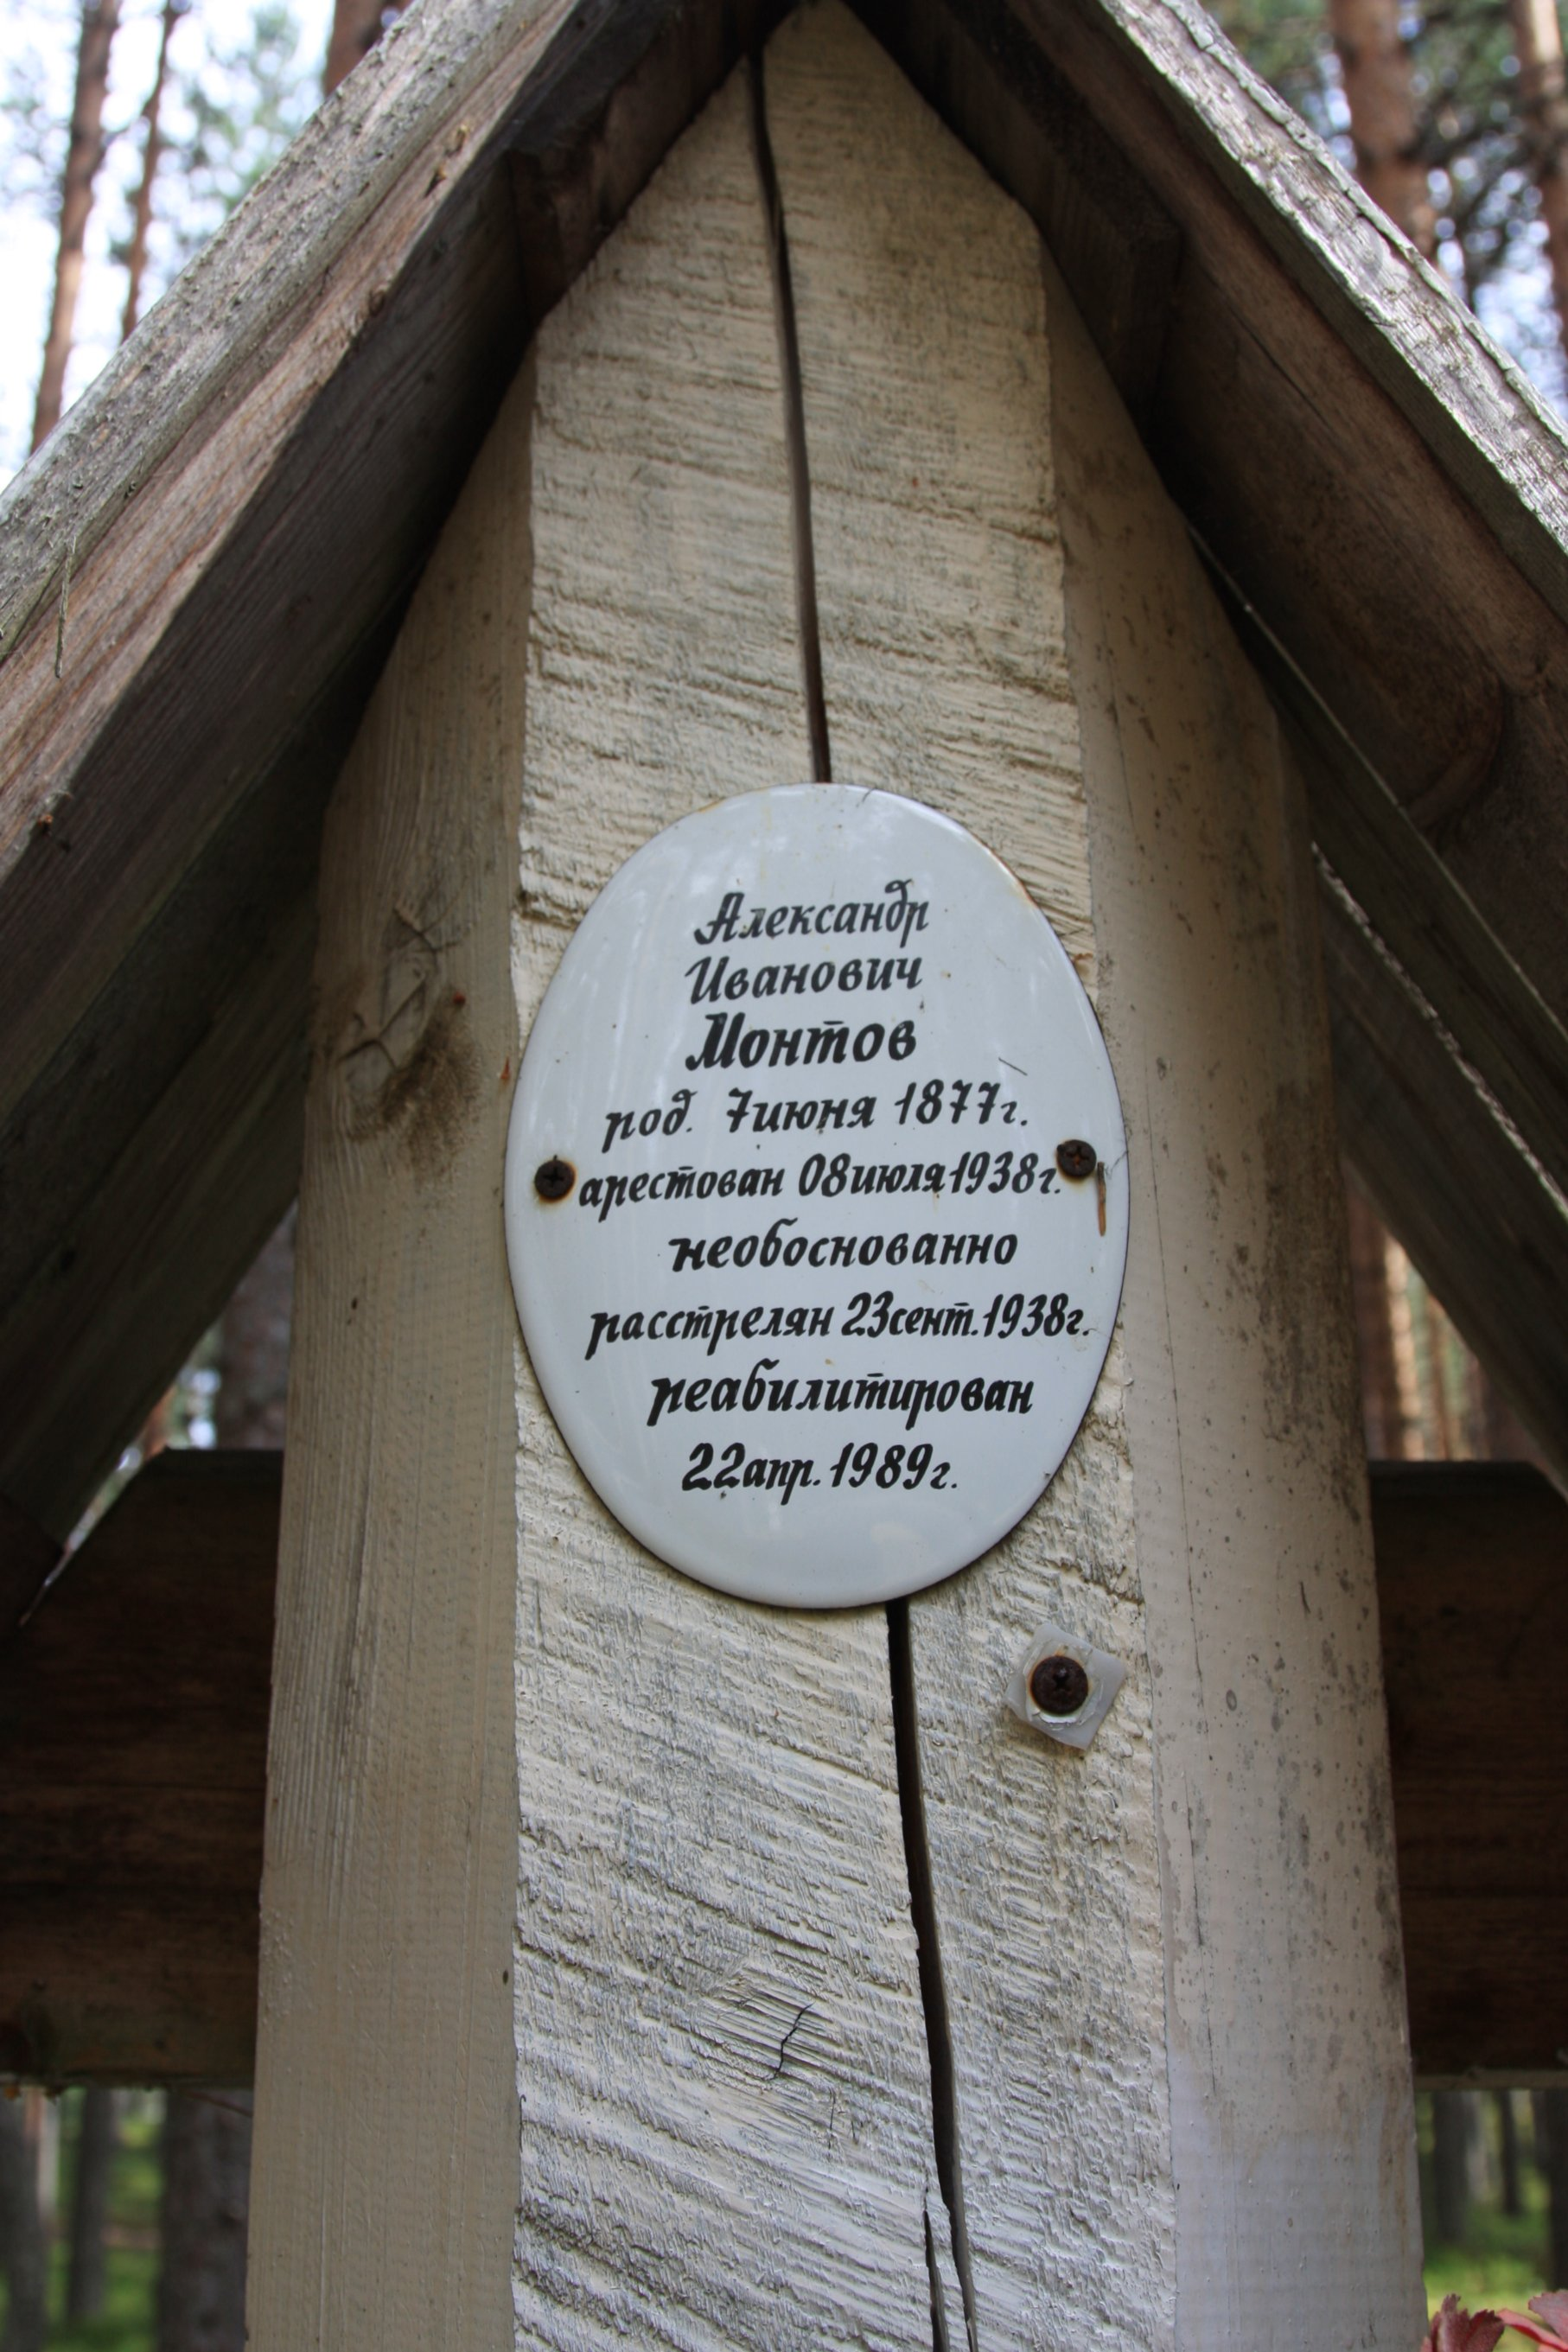 Памятная табличка «Александр Иванович Монтов». Фото 04.08.2018.